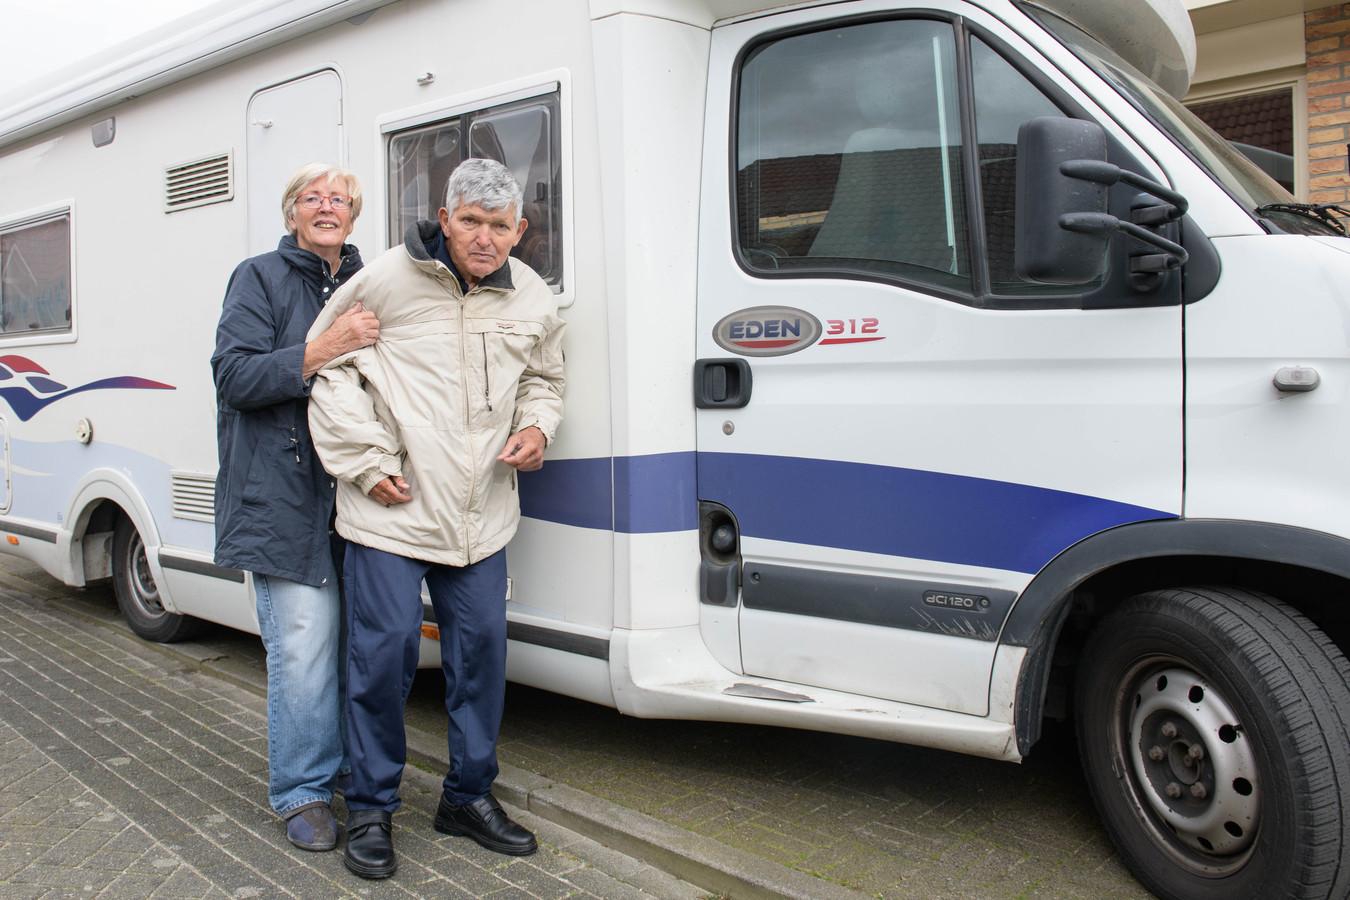 Marianne en Cees Mulder ontvluchtten Marokko in de camper. 4000 km verder zijn ze weer veilig thuis in Hengelo. Zij is 75 en rijdt alles alleen.